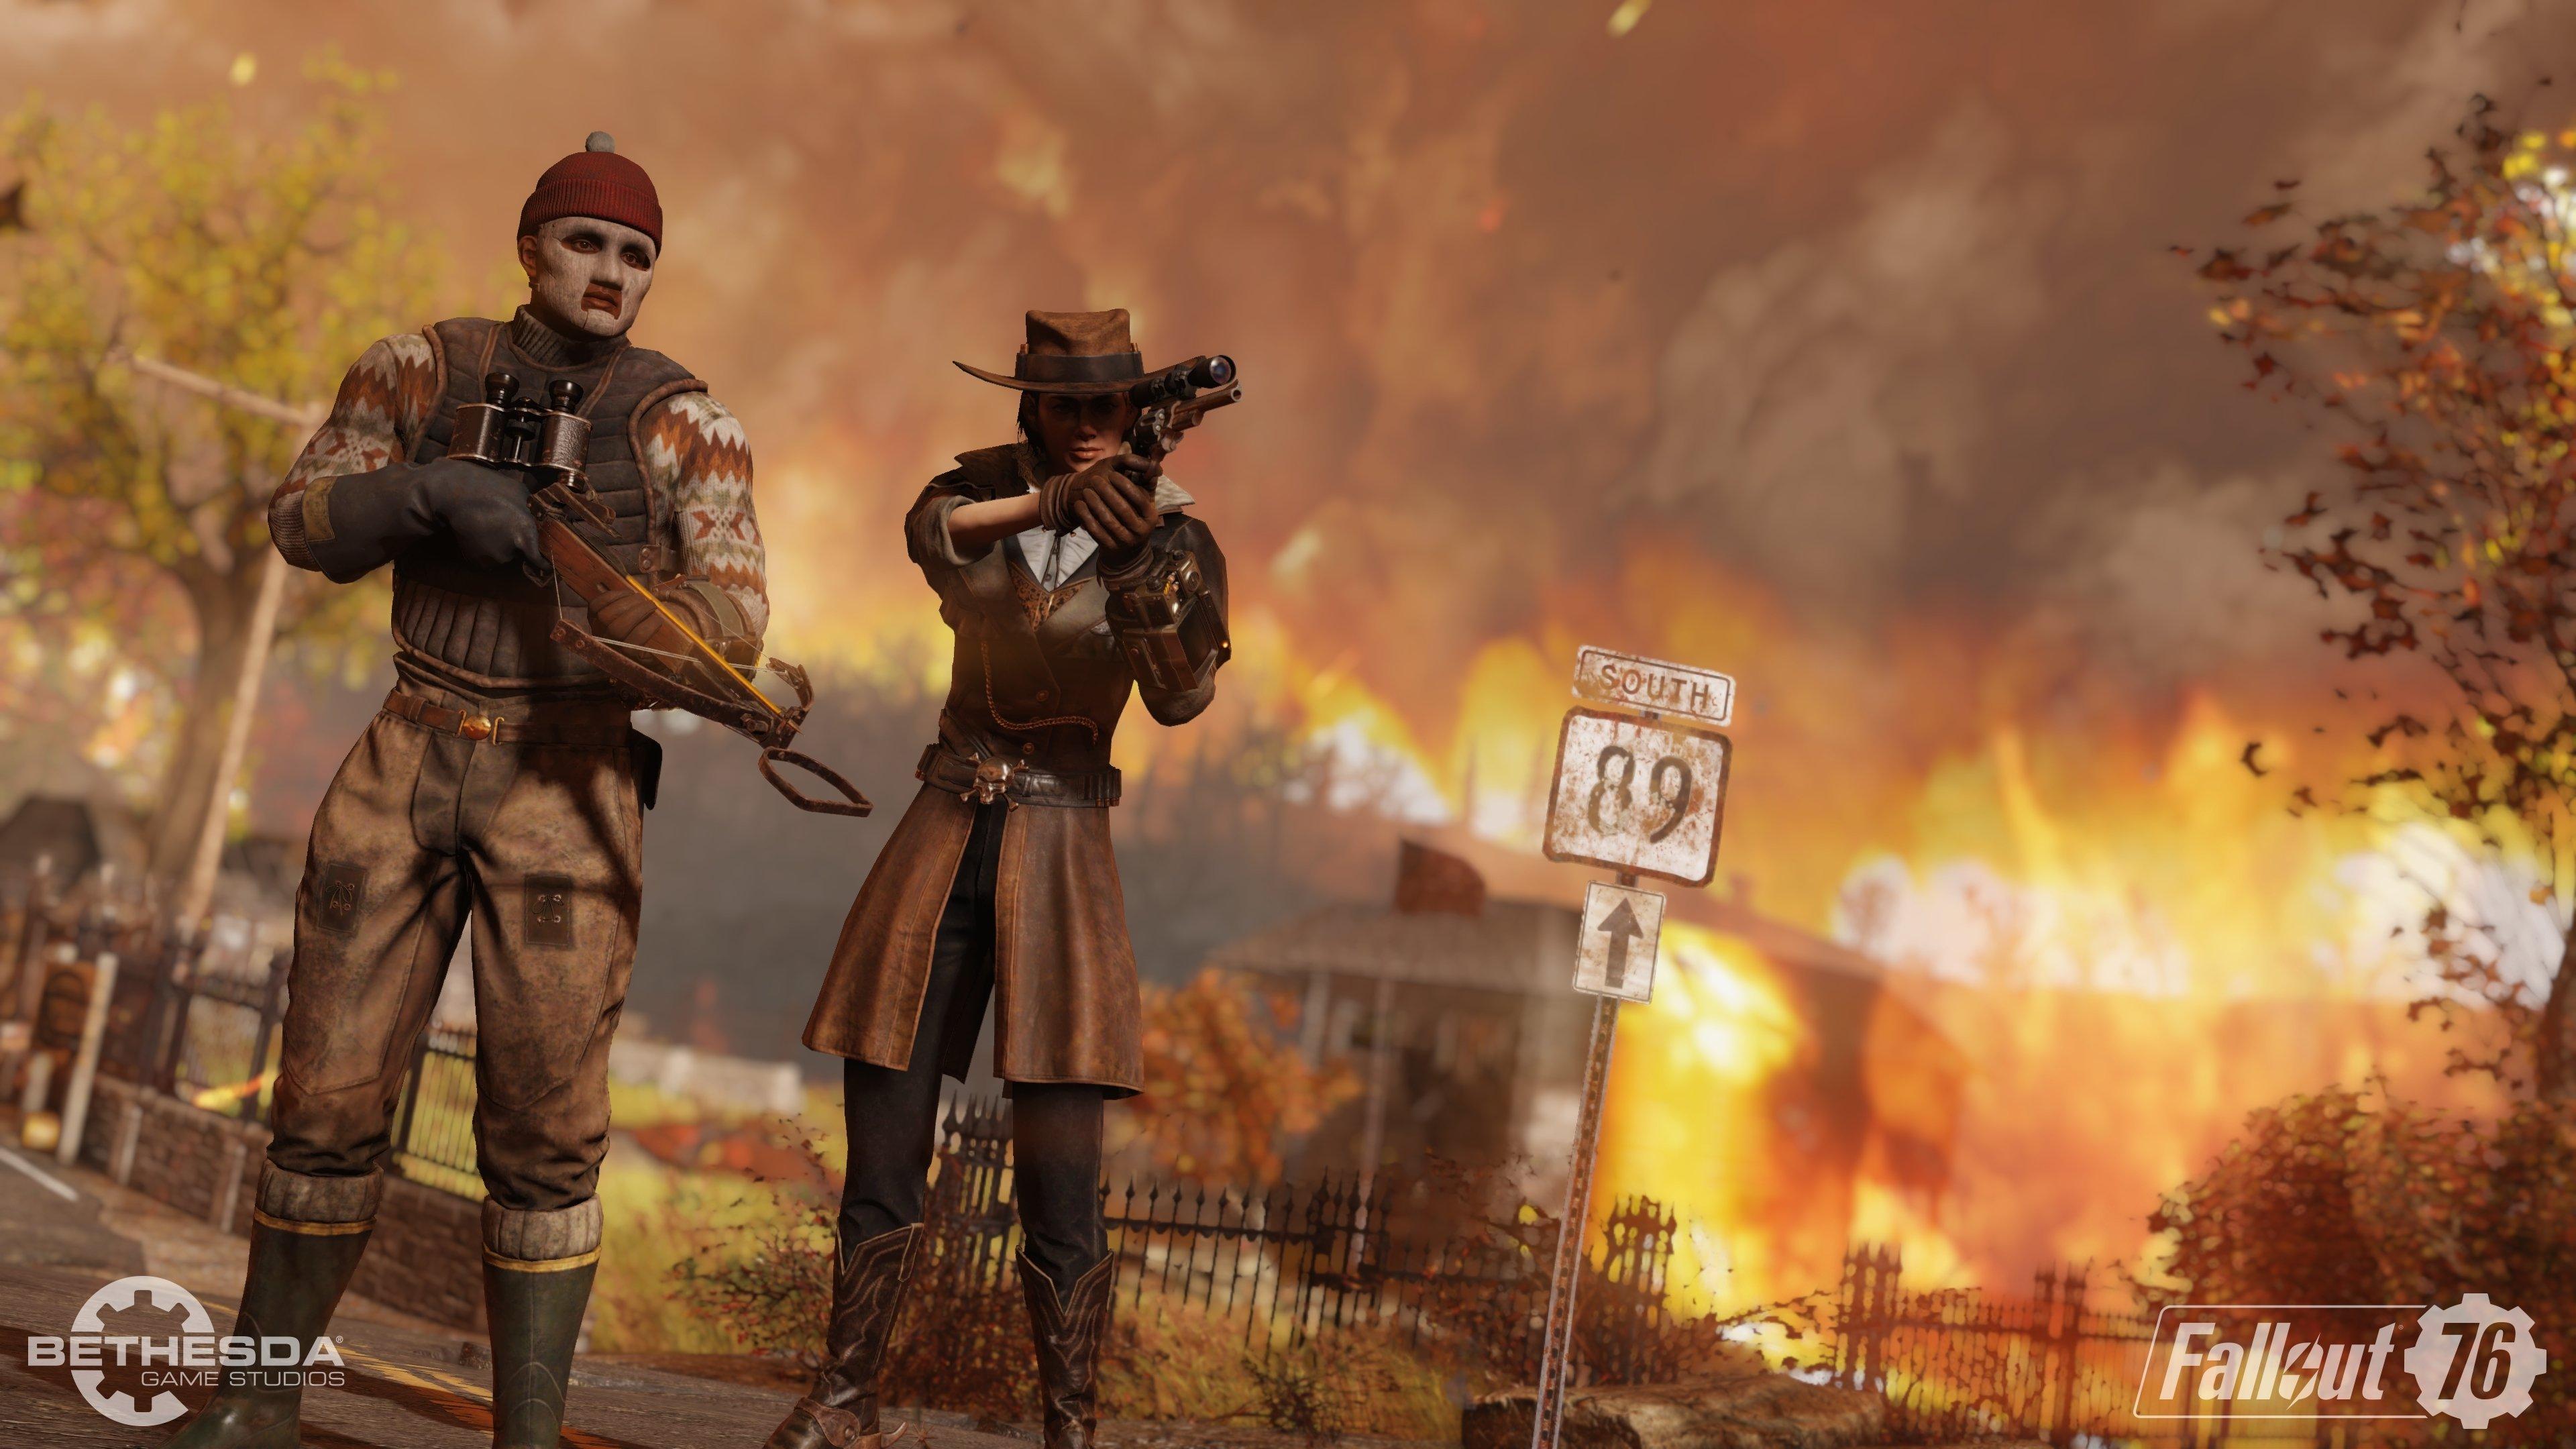 Fallout 76 стала бесплатной до 16 июня, а в сентябре из неё уберут королевскую битву